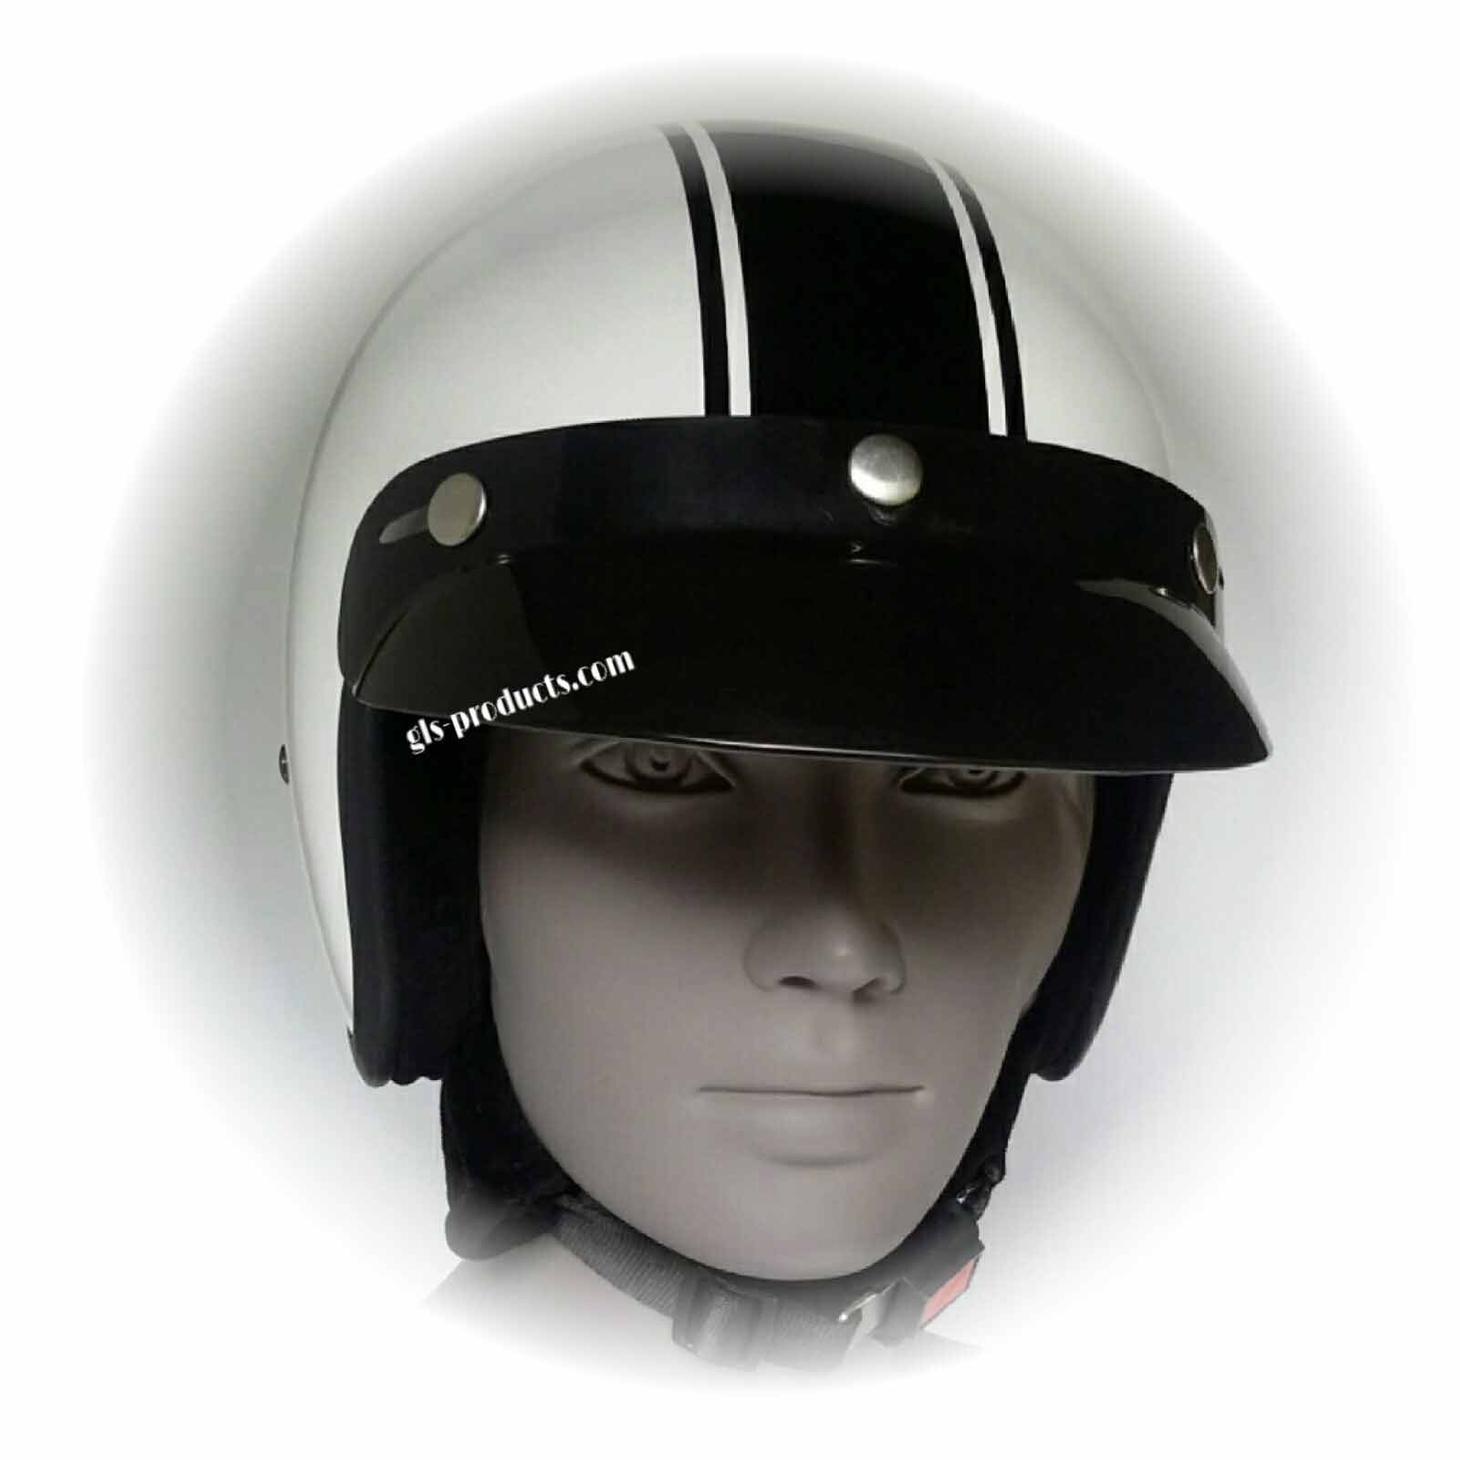 Bandit Classic Jet Helmet - Classic Motorcycle Helmet – Picture 3